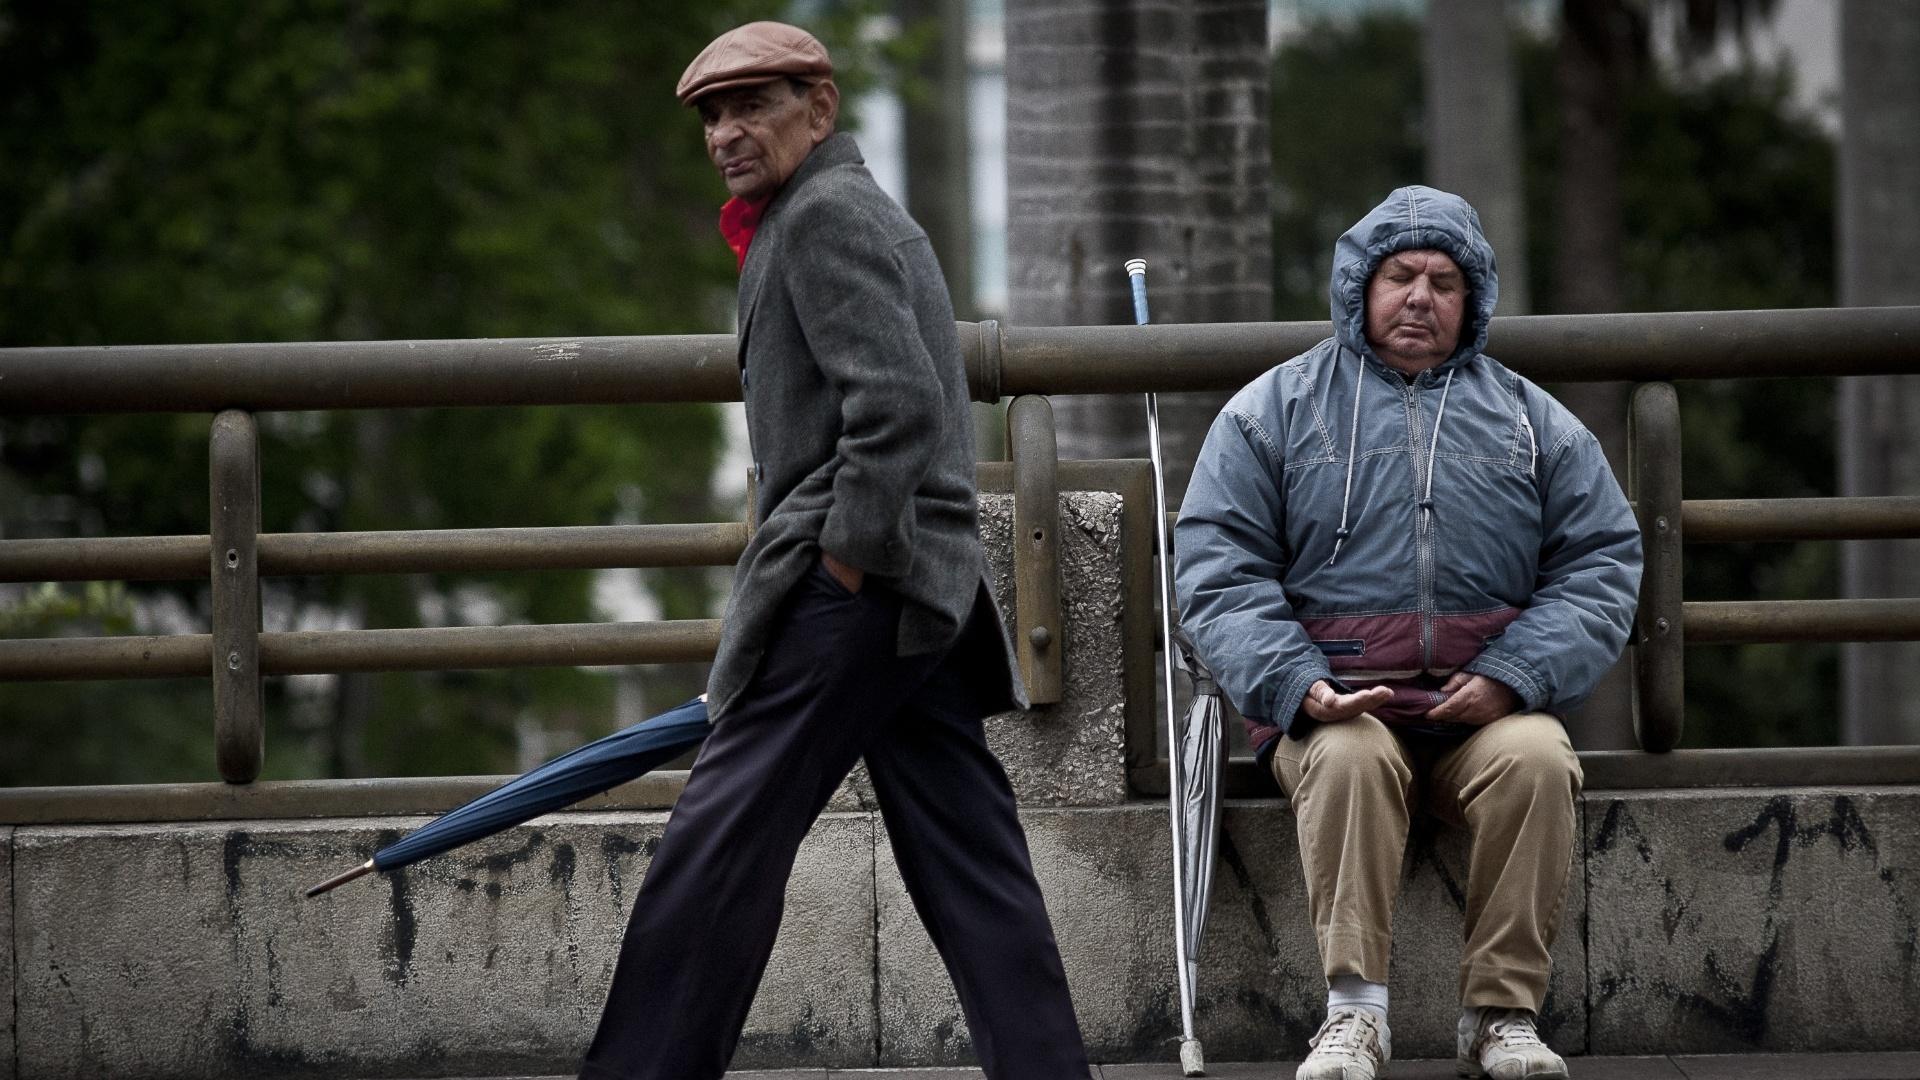 26.set.2012 - Homens se protegem do frio em São Paulo, onde os termômetros chegaram a registrar 9°C. Com os ventos, a sensação térmica chegou a -0,5°C em pleno meio-dia